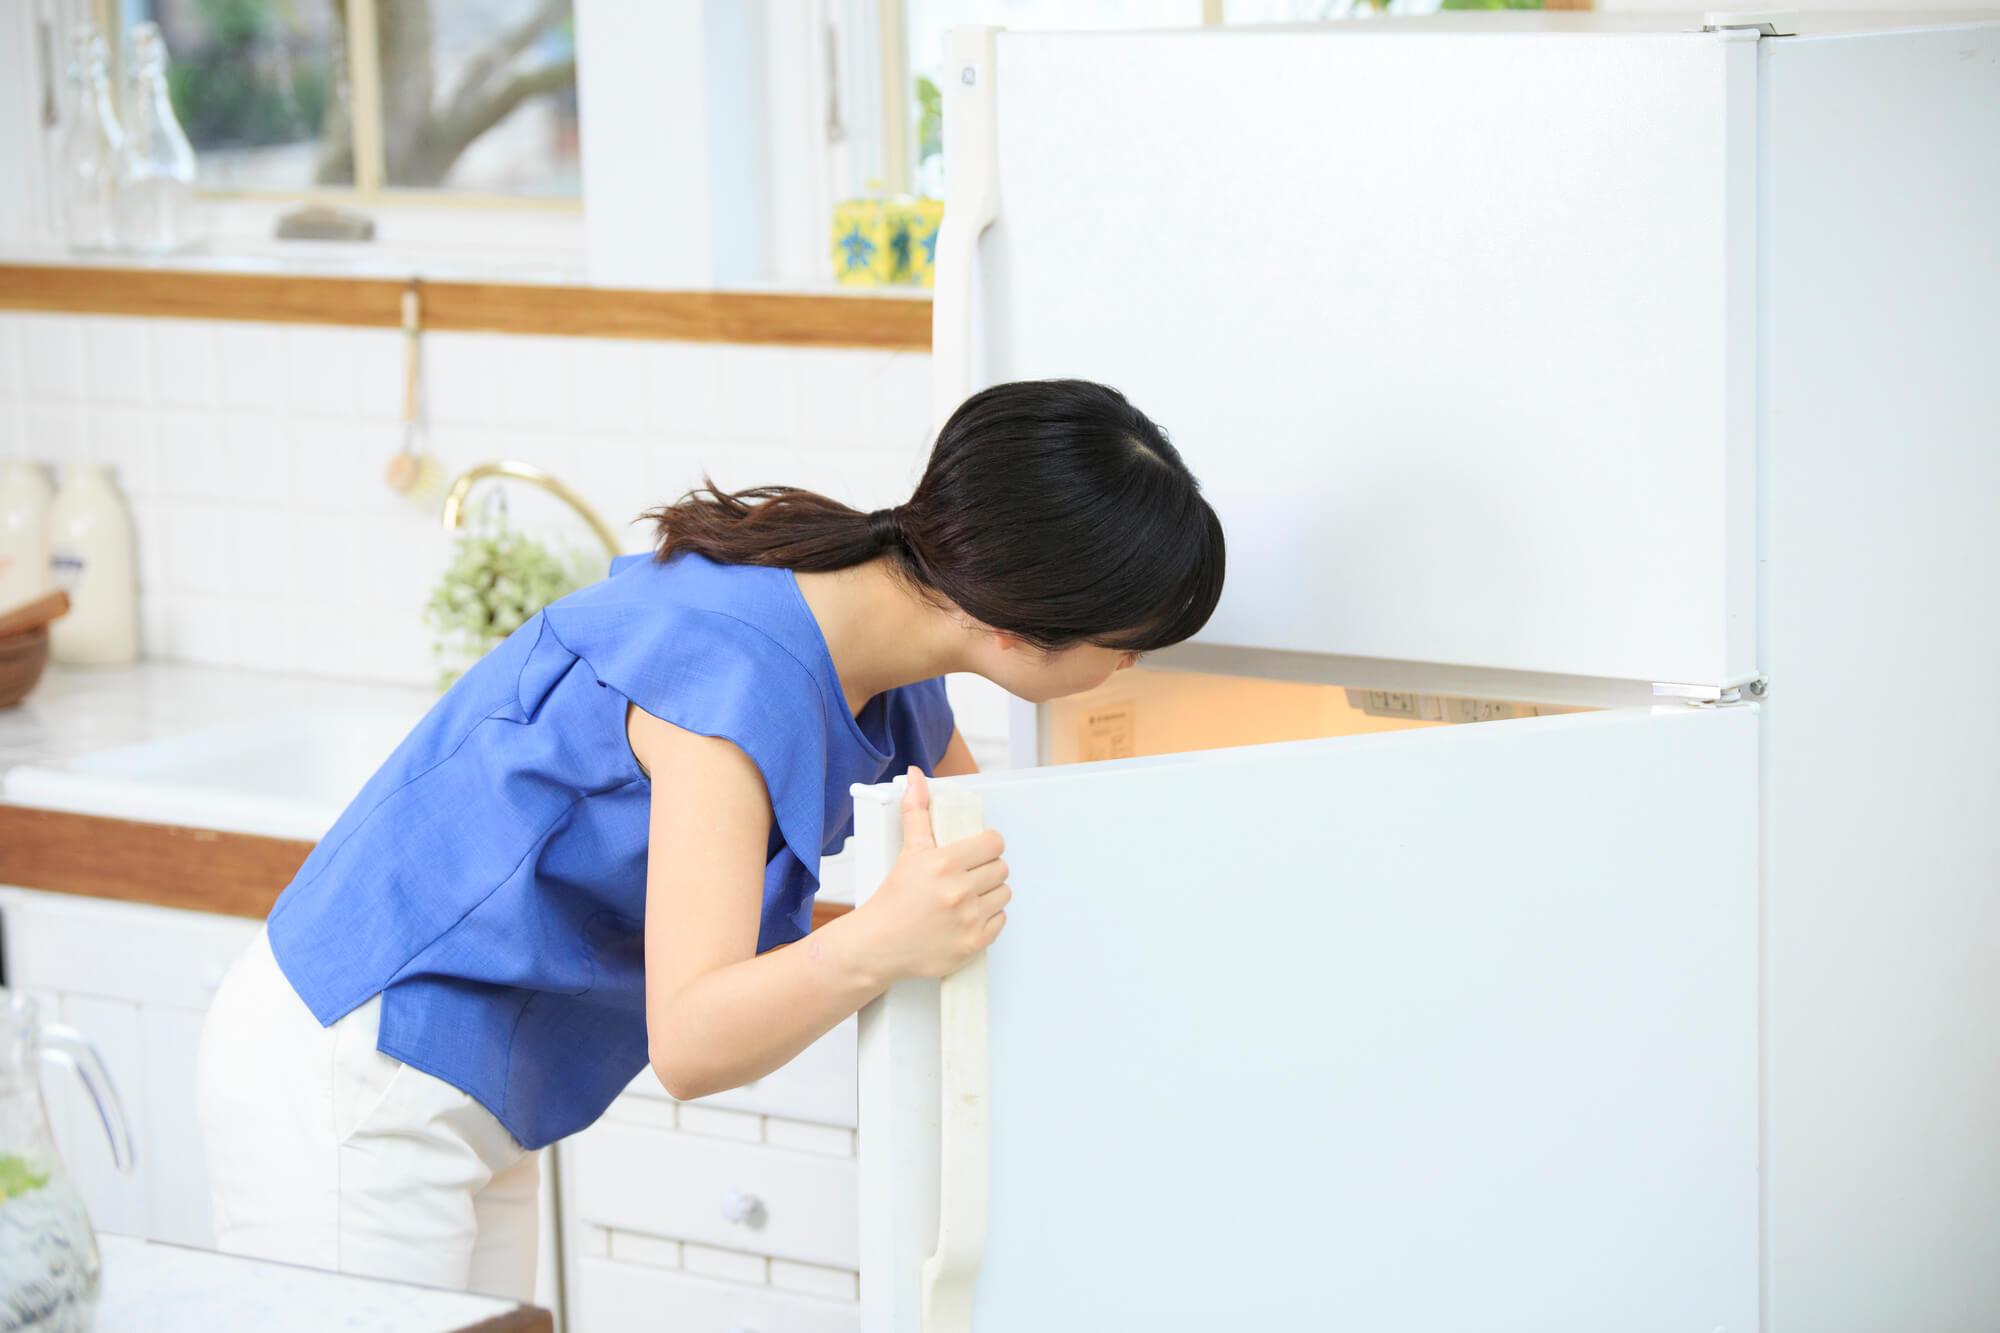 生ゴミや冷蔵庫の臭いも!?キッチン消臭には重曹